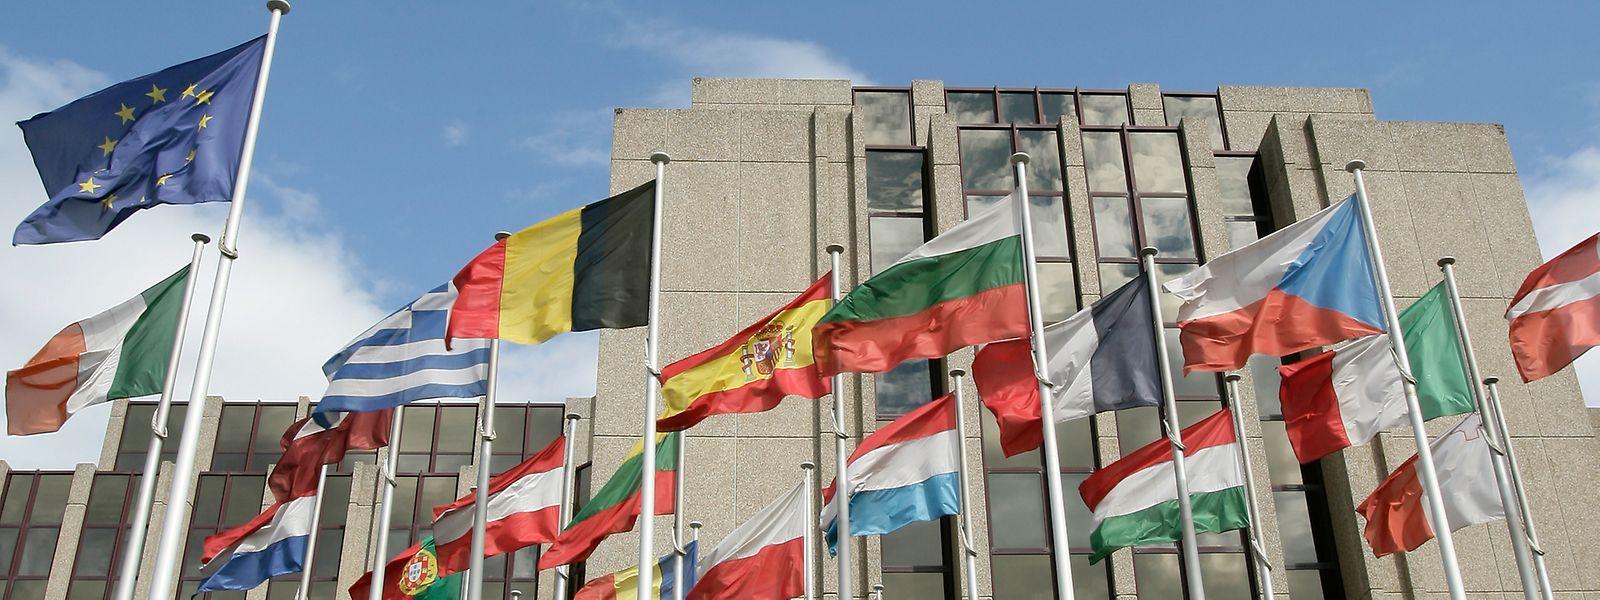 La Cour des comptes européennes, au Kirchberg sera probablement la prochaine étape de la carrière de Joëlle Elvinger